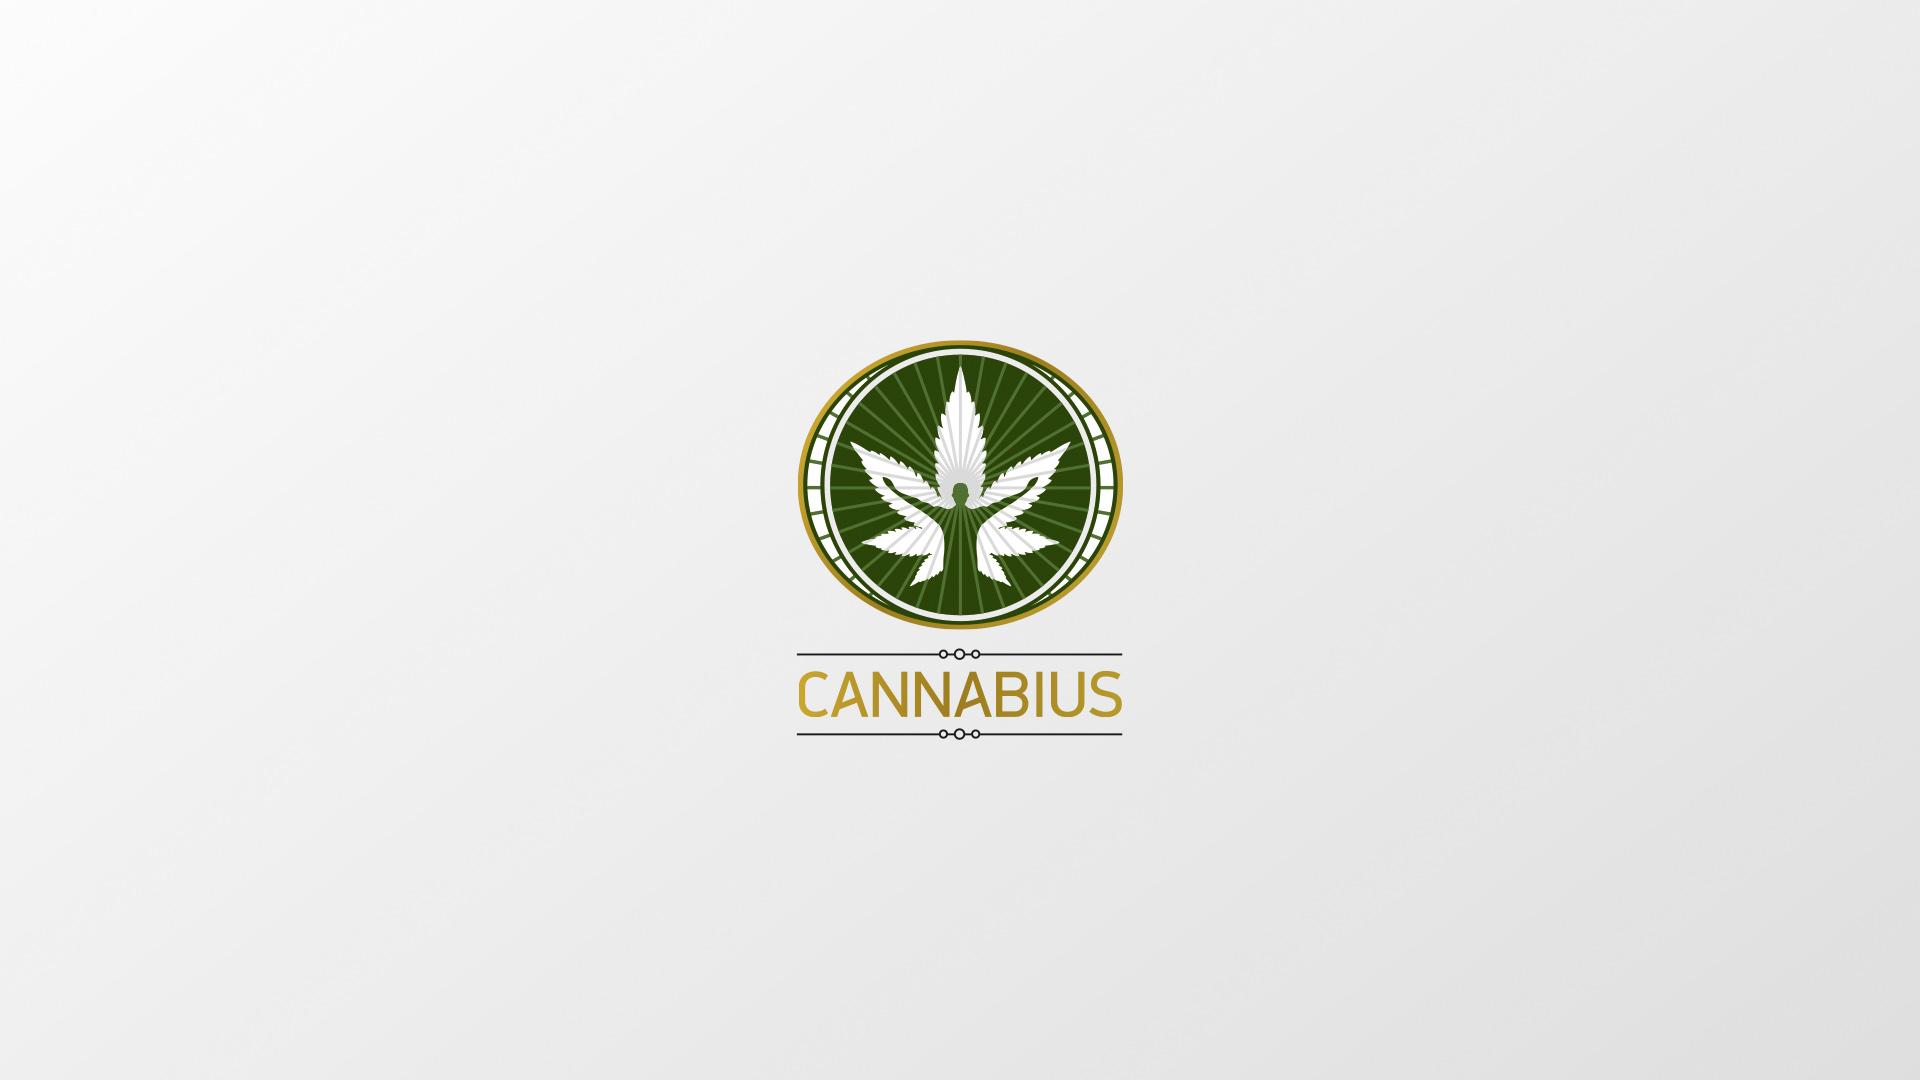 Cannabius